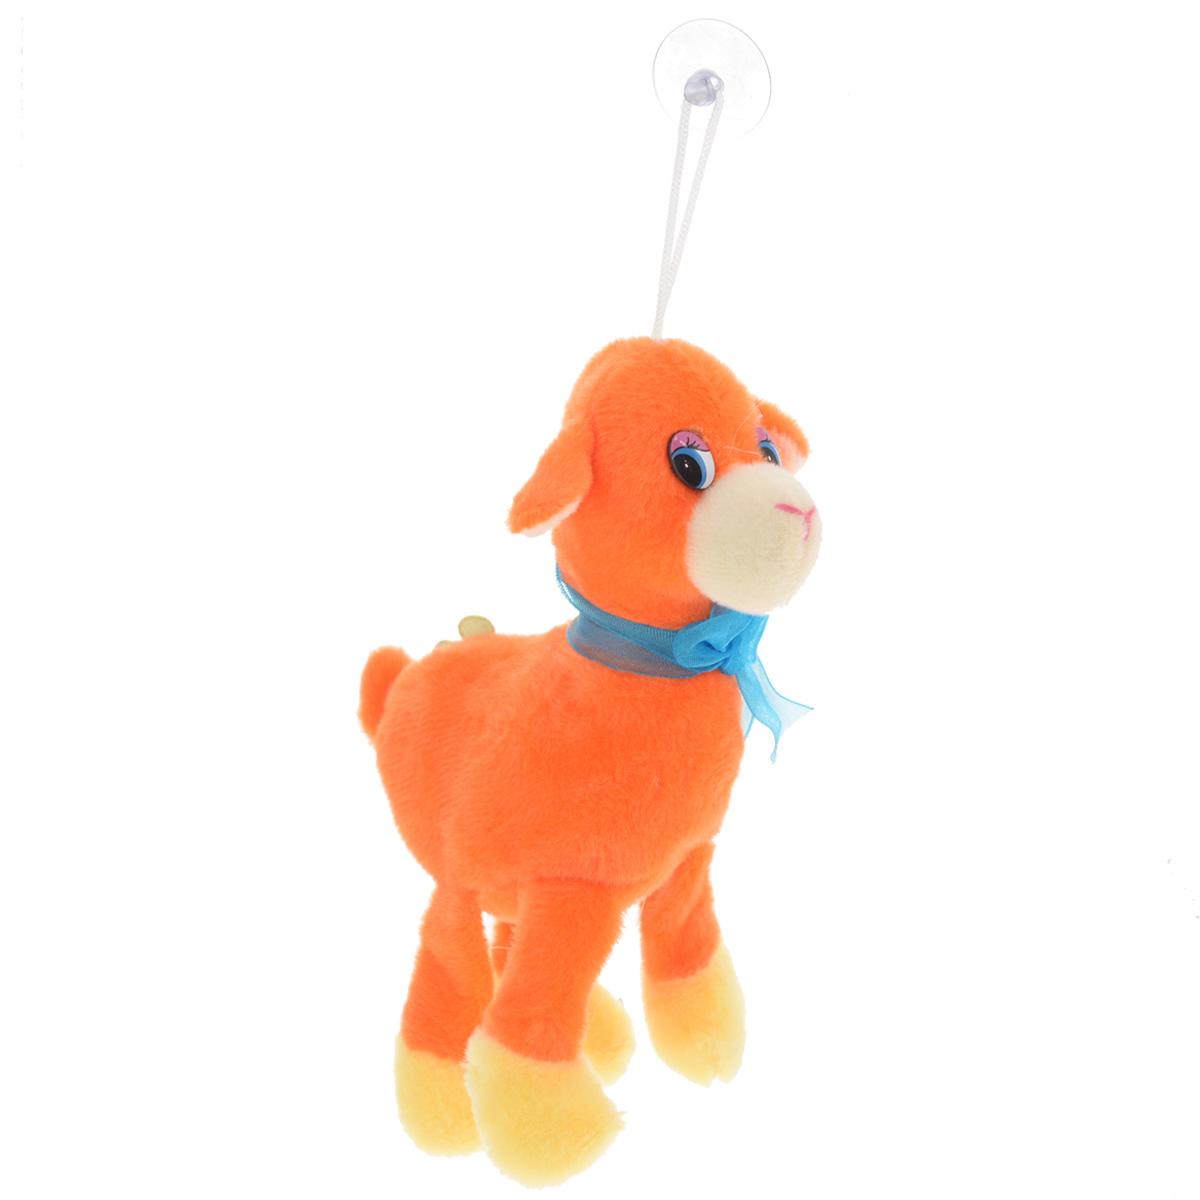 Мягкая игрушка Sima-land Овечка, на присоске, цвет: оранжевый, 15 см. 511090